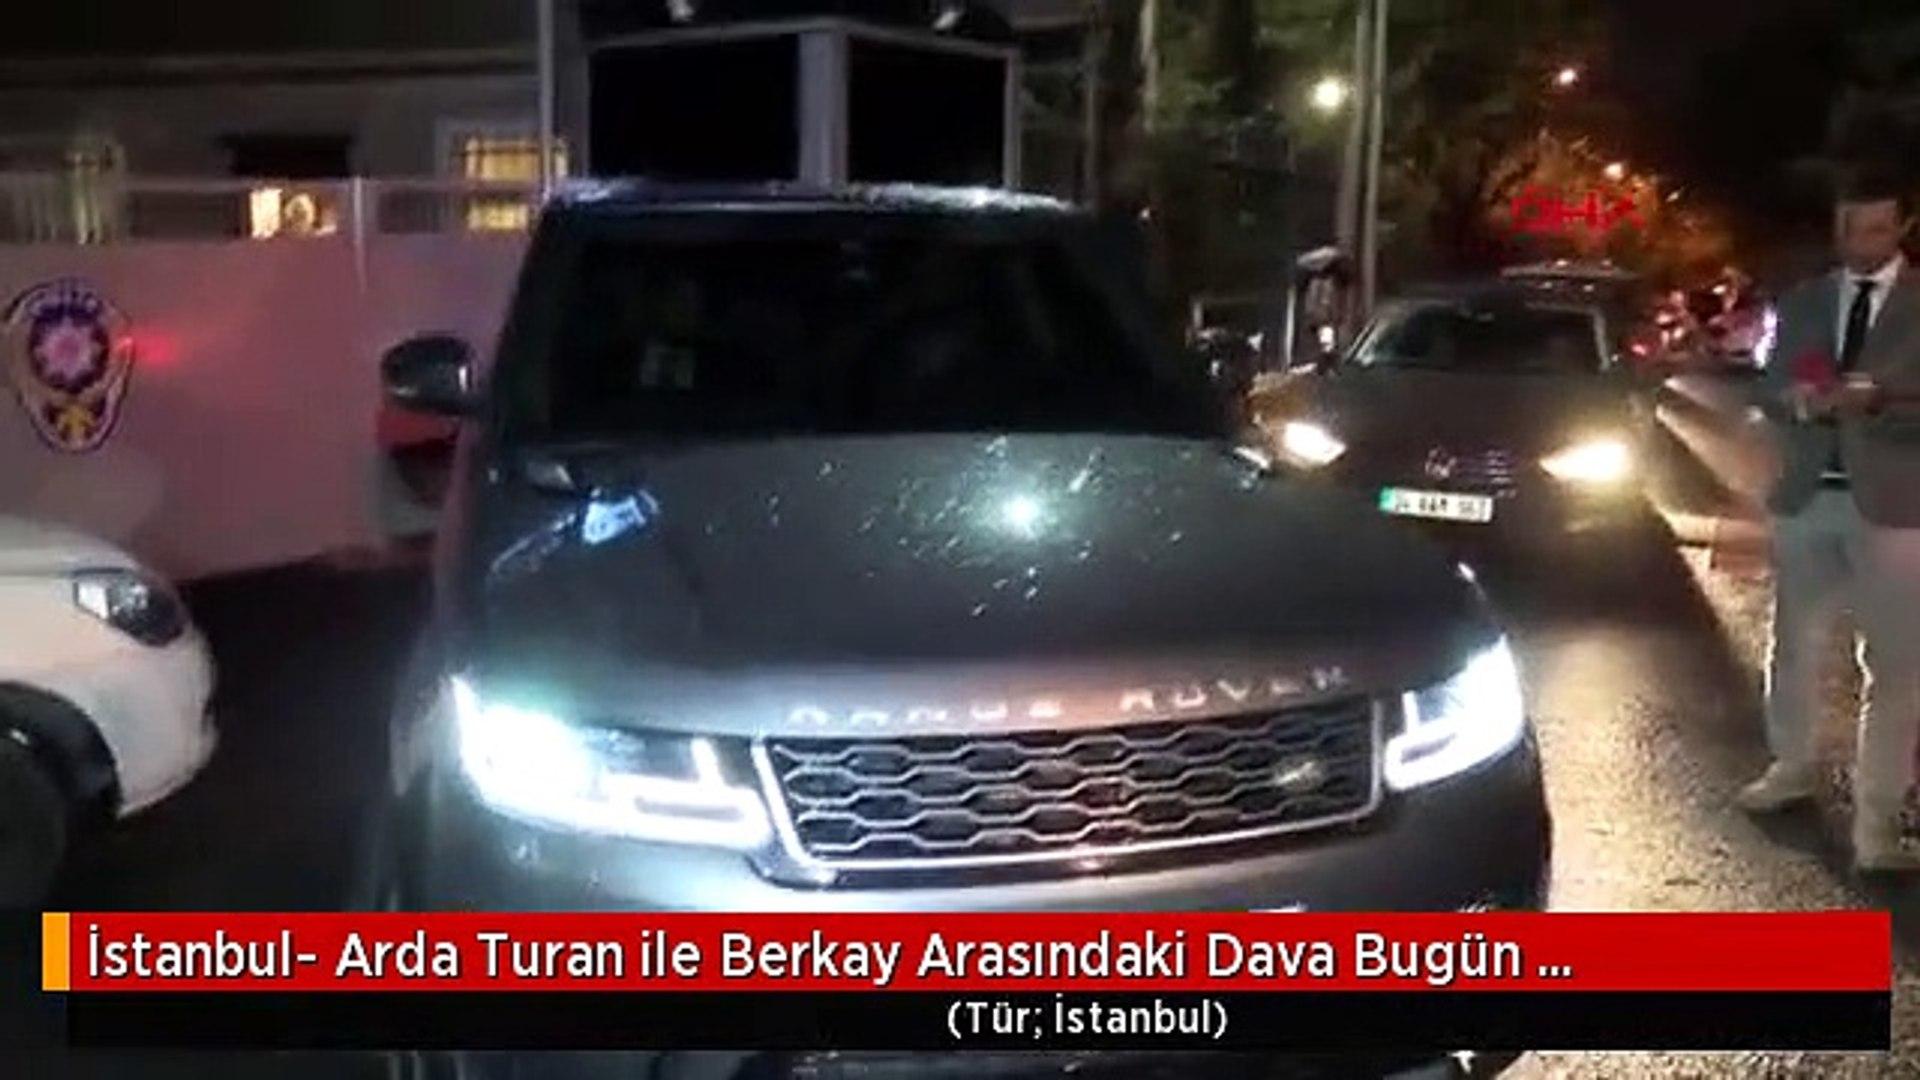 İstanbul- Arda Turan ile Berkay Arasındaki Dava Bugün Görülecek - 1